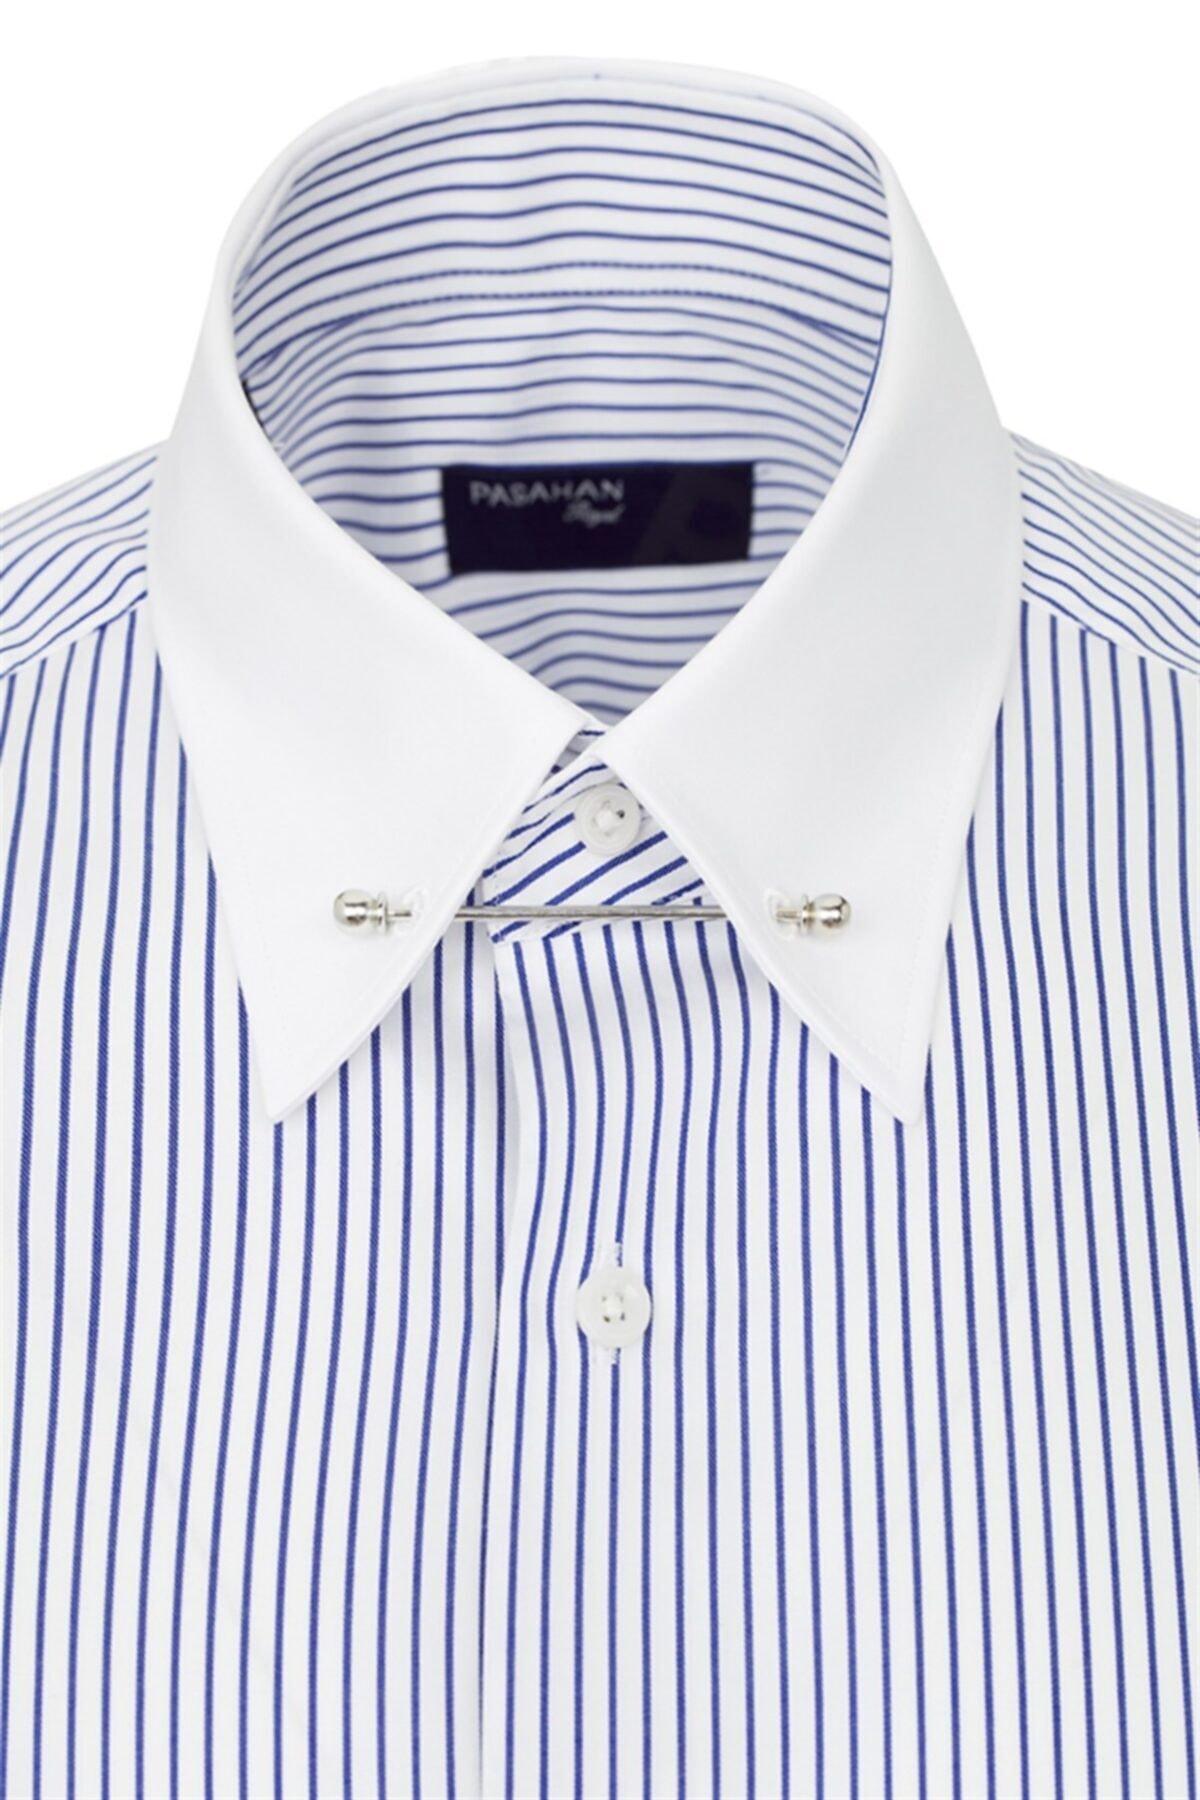 Paşahan Erkek Mavi Beyaz Çizgili Slim Fit Yaka İğneli Gömlek 2